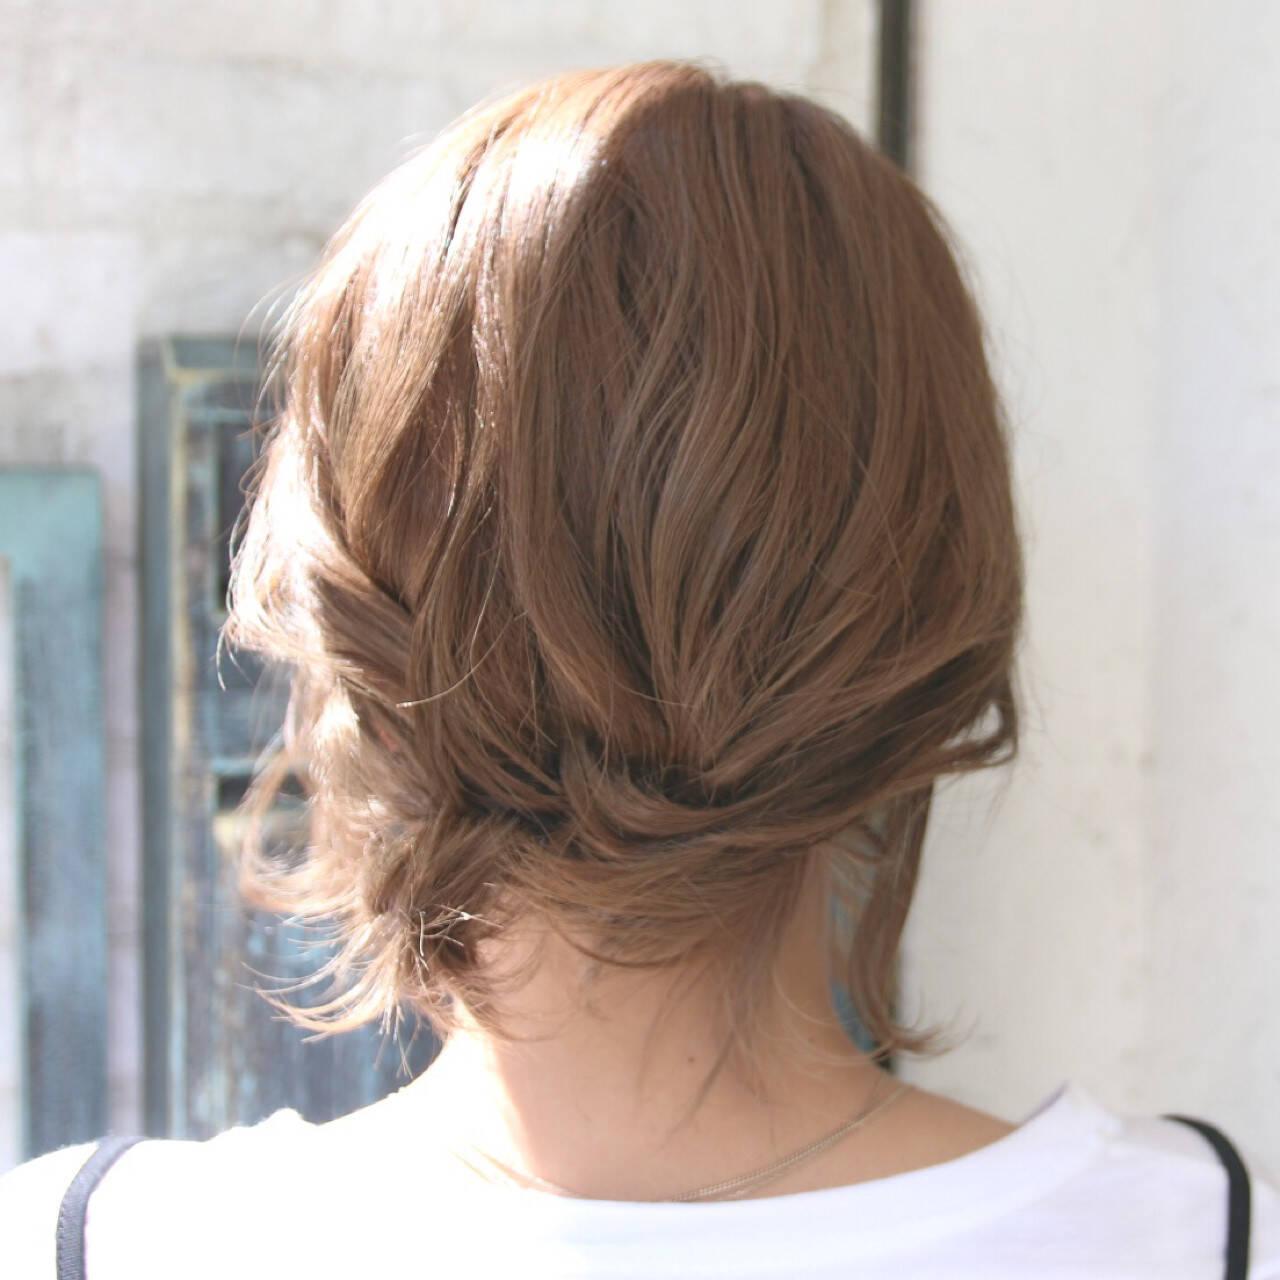 ナチュラル リラックス ショート ヘアアレンジヘアスタイルや髪型の写真・画像